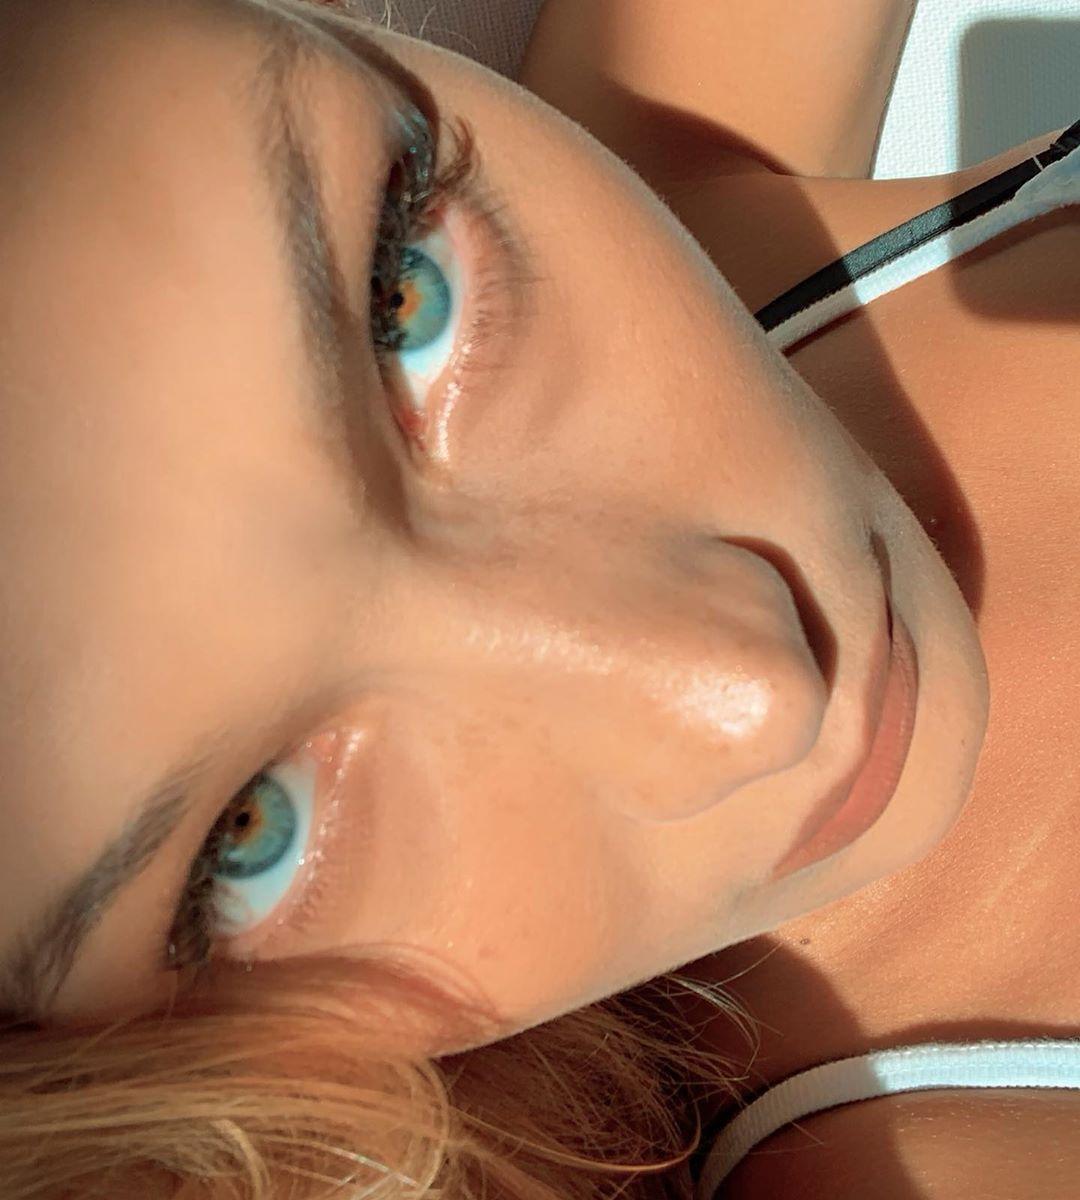 Супермодель Белла Хадид выставила пикантные фото с пляжа